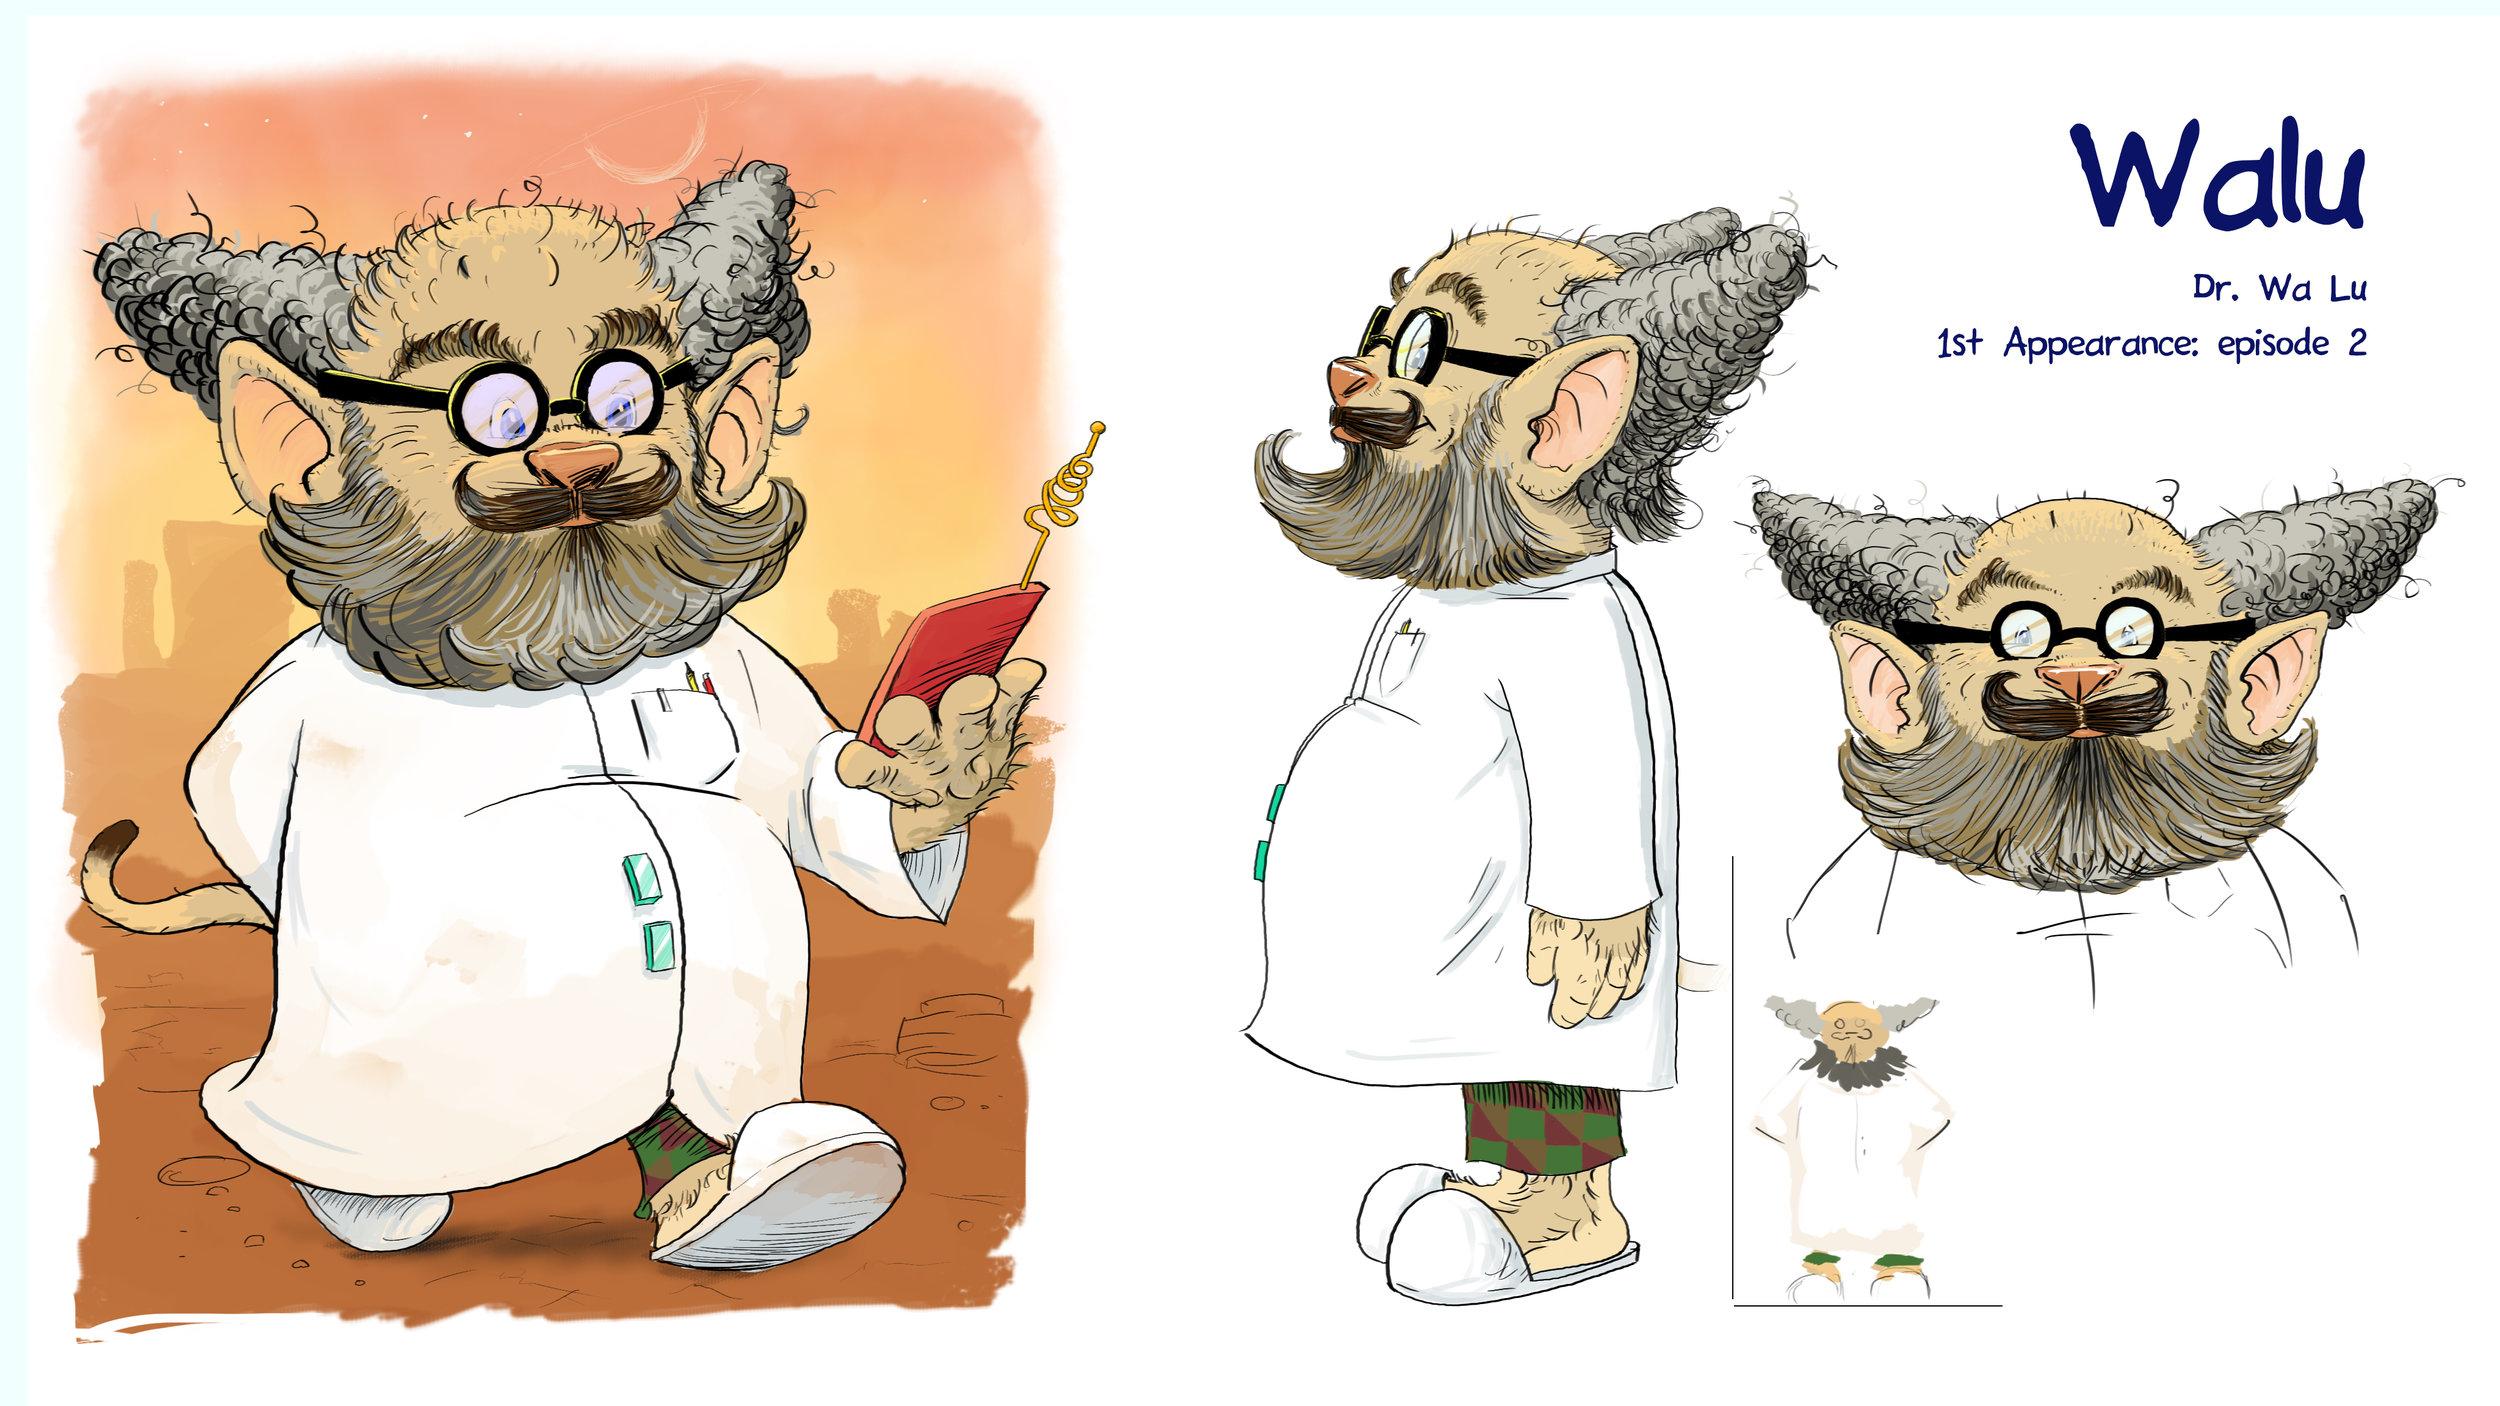 Dr. Walu